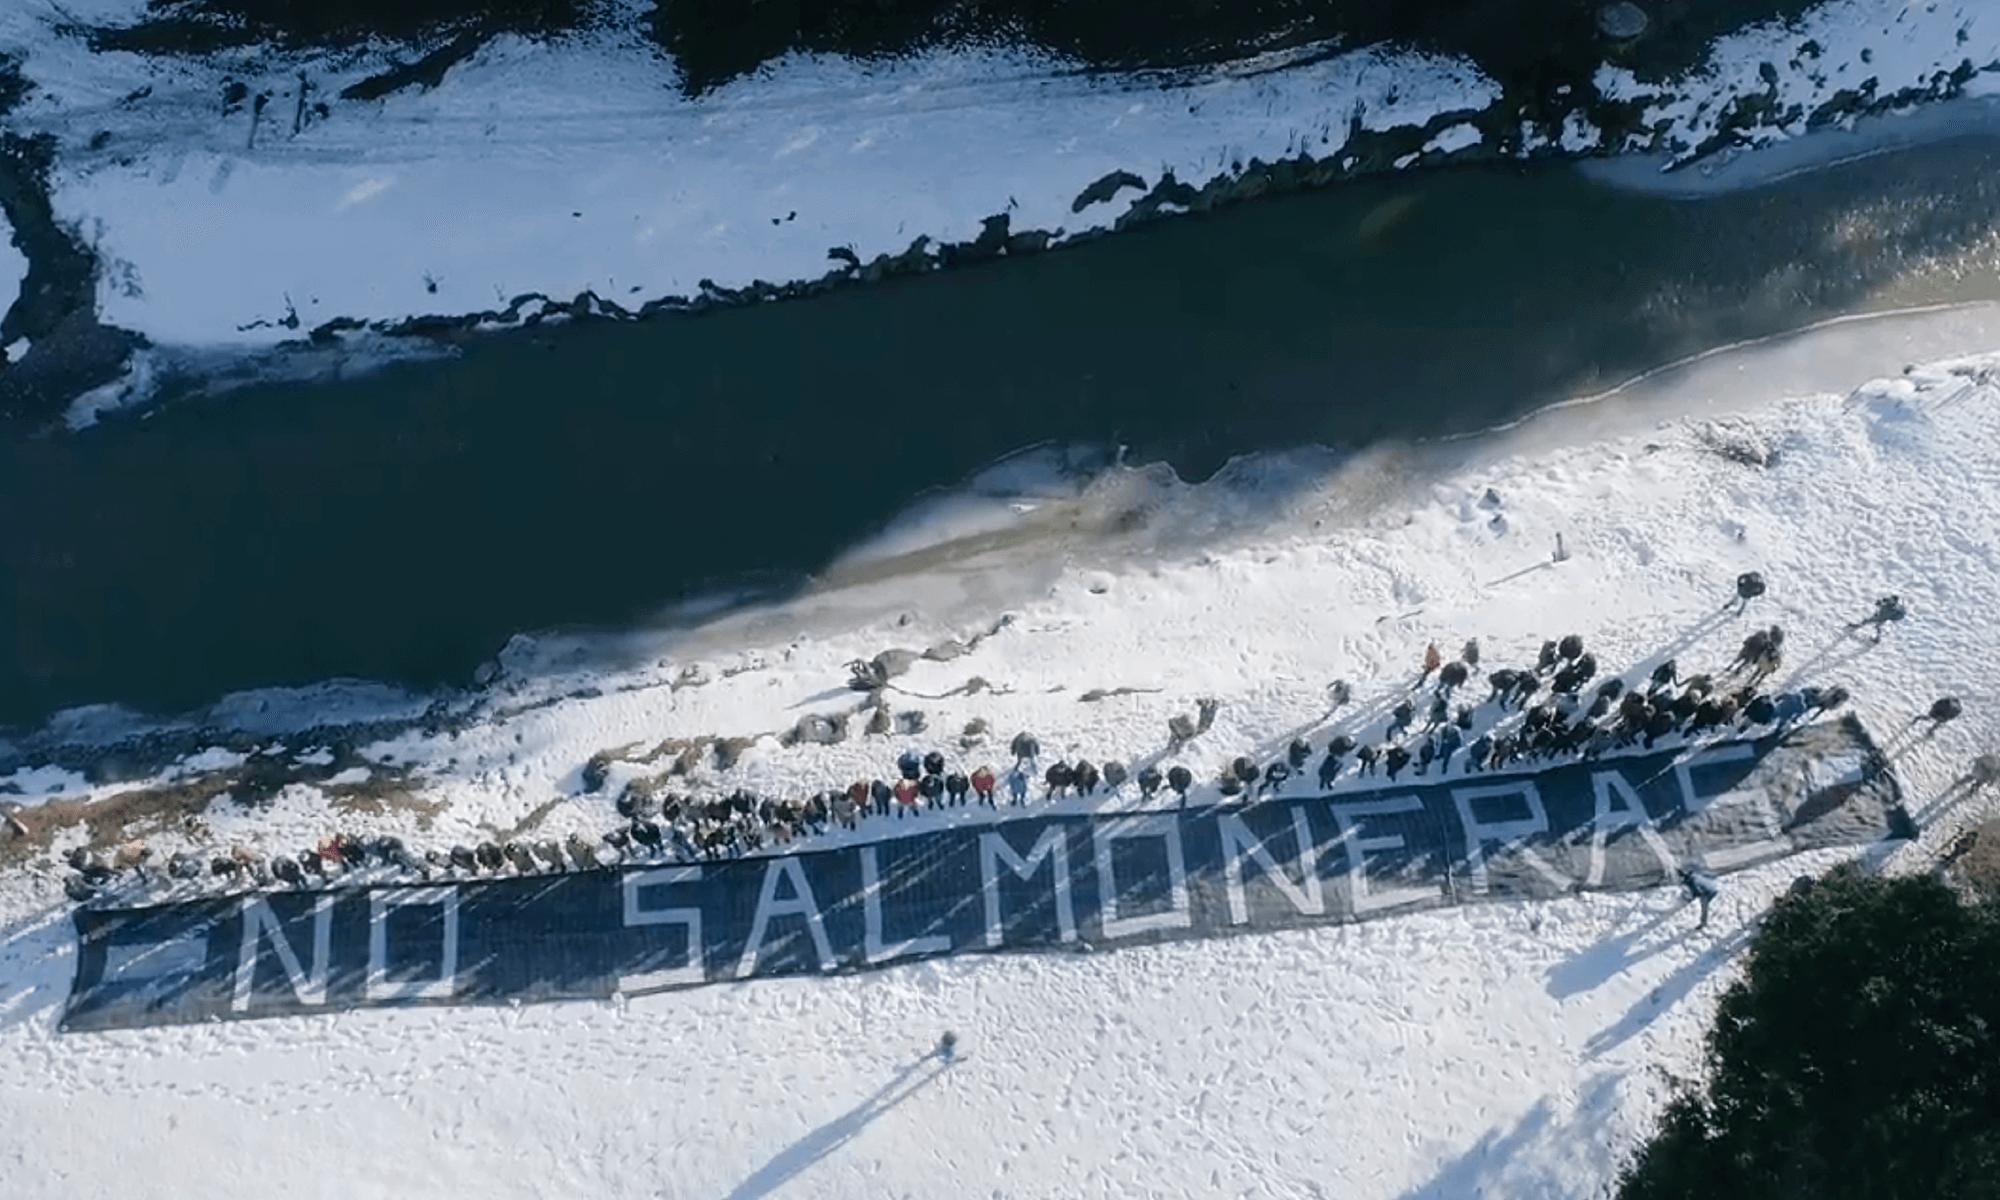 CP Ley Salmoneras Tierra del Fuego